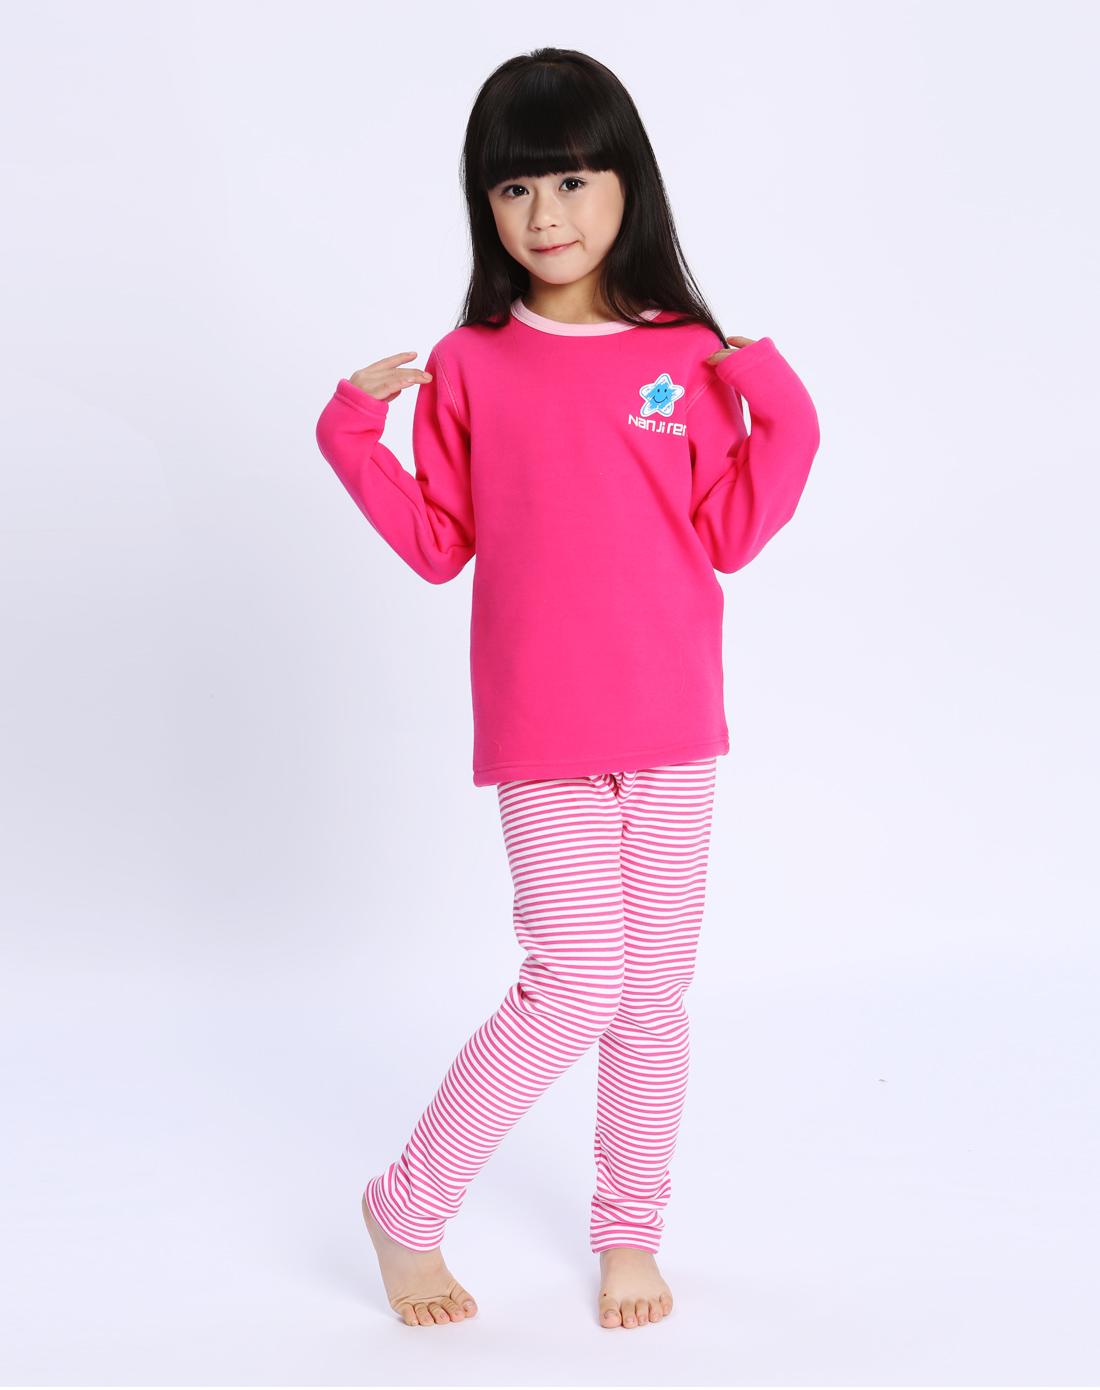 南极人njr儿童内衣专场-保暖时尚印花少儿内衣(小童)